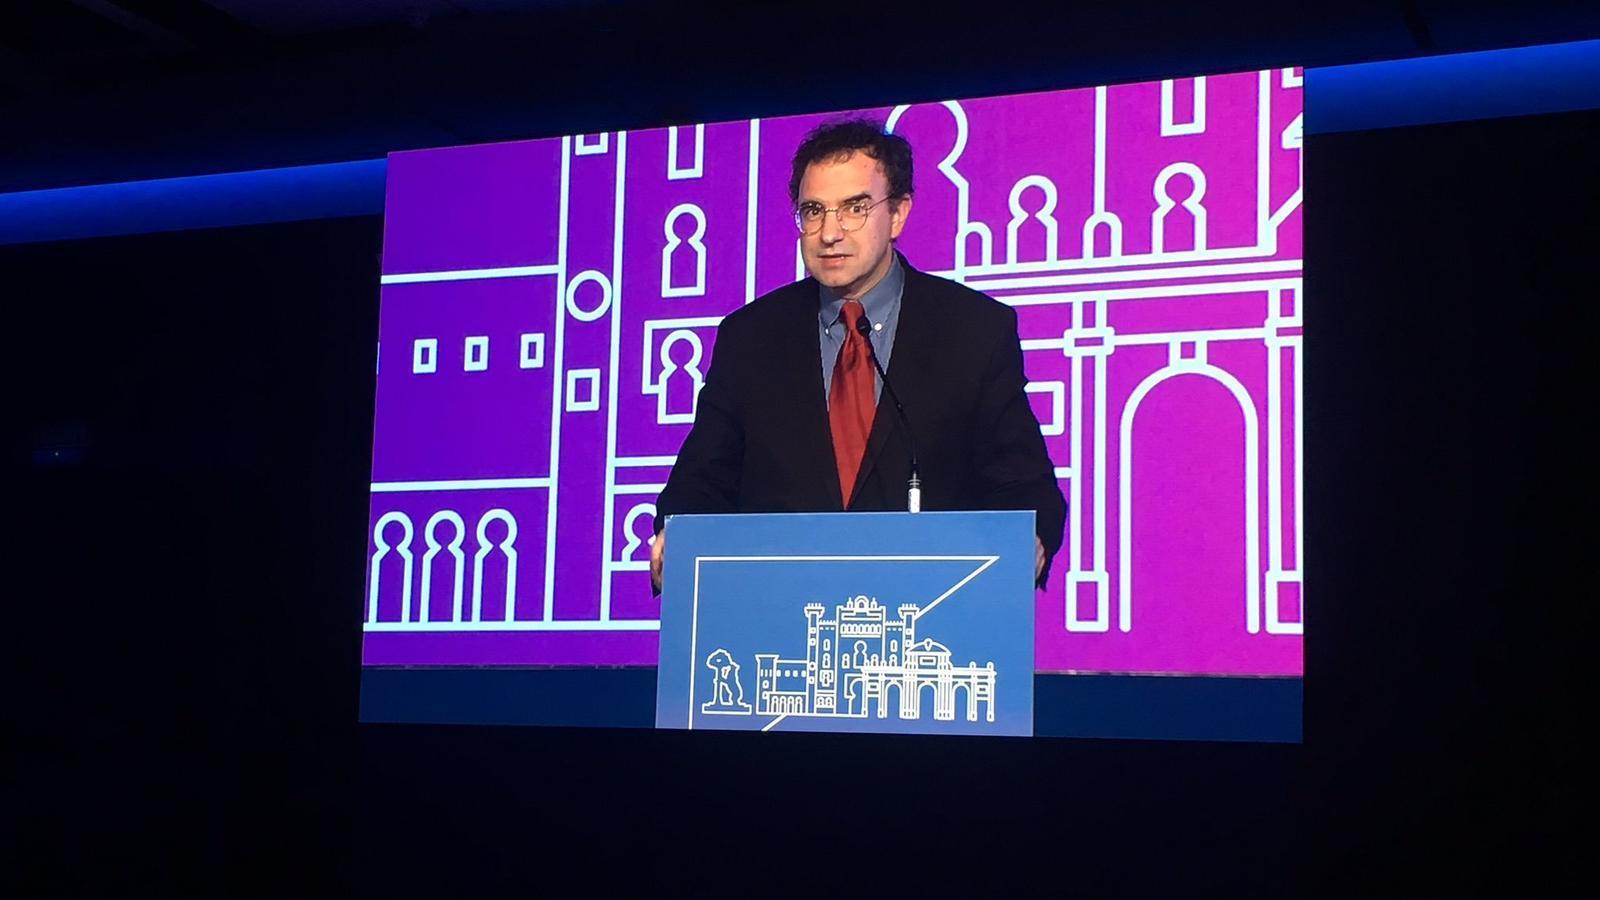 El president de la Internacional Lliberal, Juli Minoves, en la seva participació al congrés de l'ALDE. / ALDE